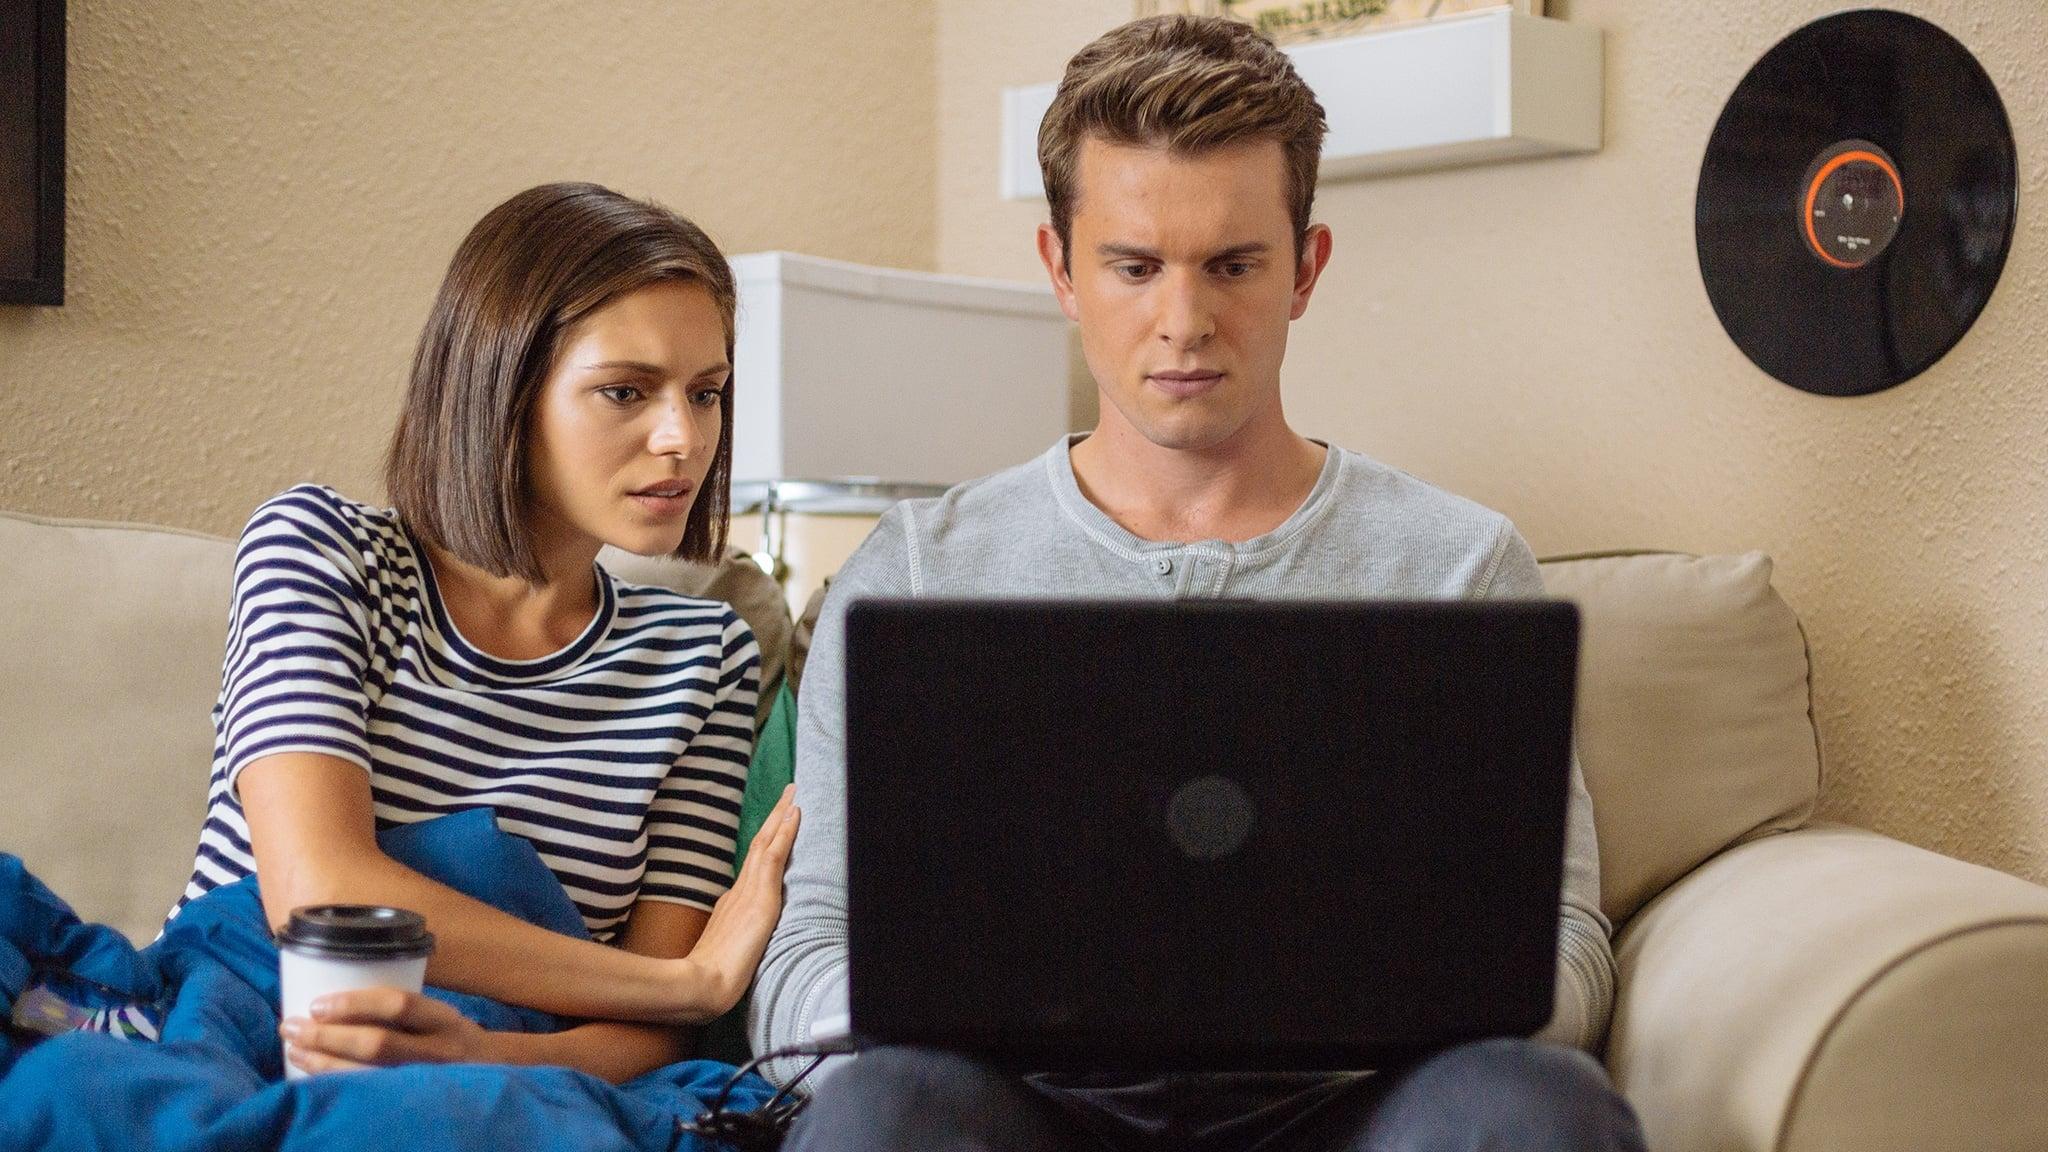 Suche e-mail-adresse für dating-sites kostenlos